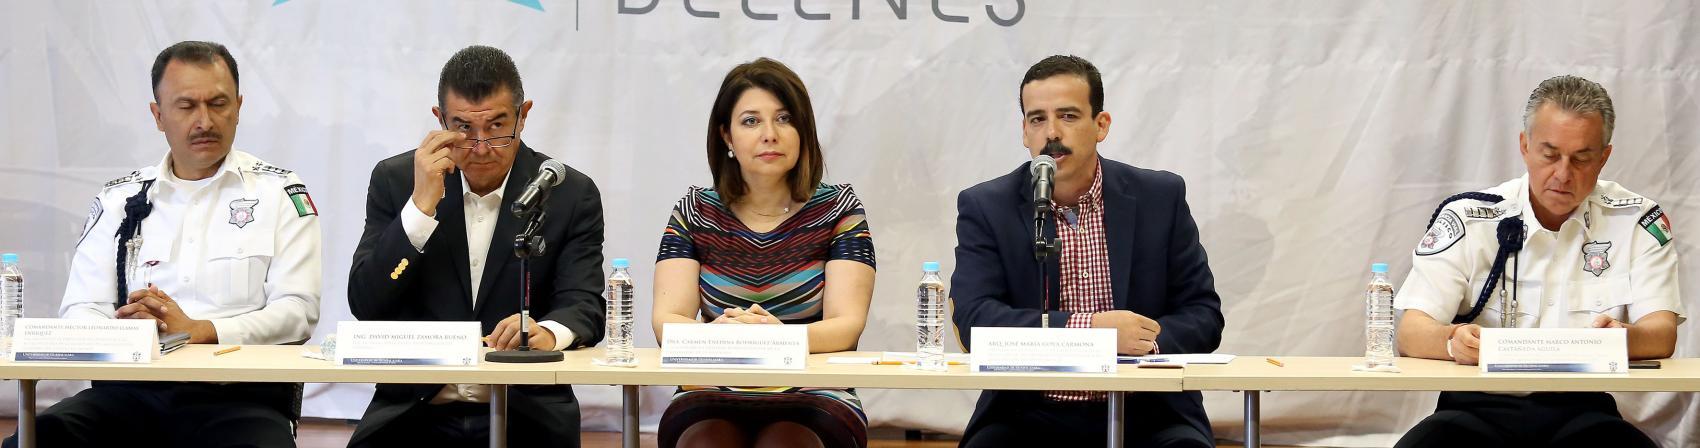 José María Goya Carmona director general de Proyectos de Secretaría de Infraestructura y Obra Pública haciendo uso de la palabra